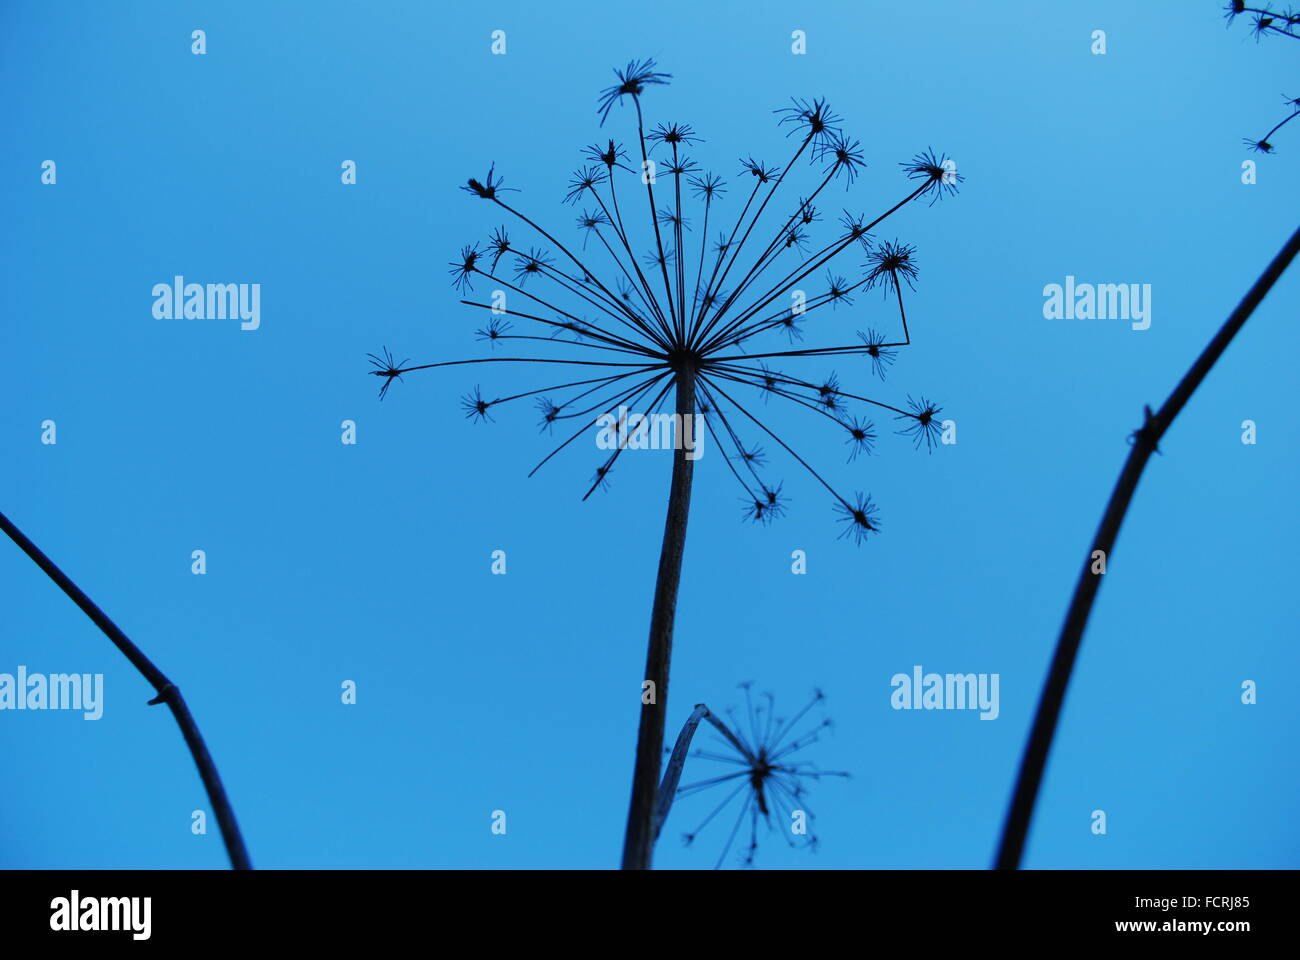 Samenkapseln vor einem wolkenlosen blauen Himmel getrocknet Stockbild